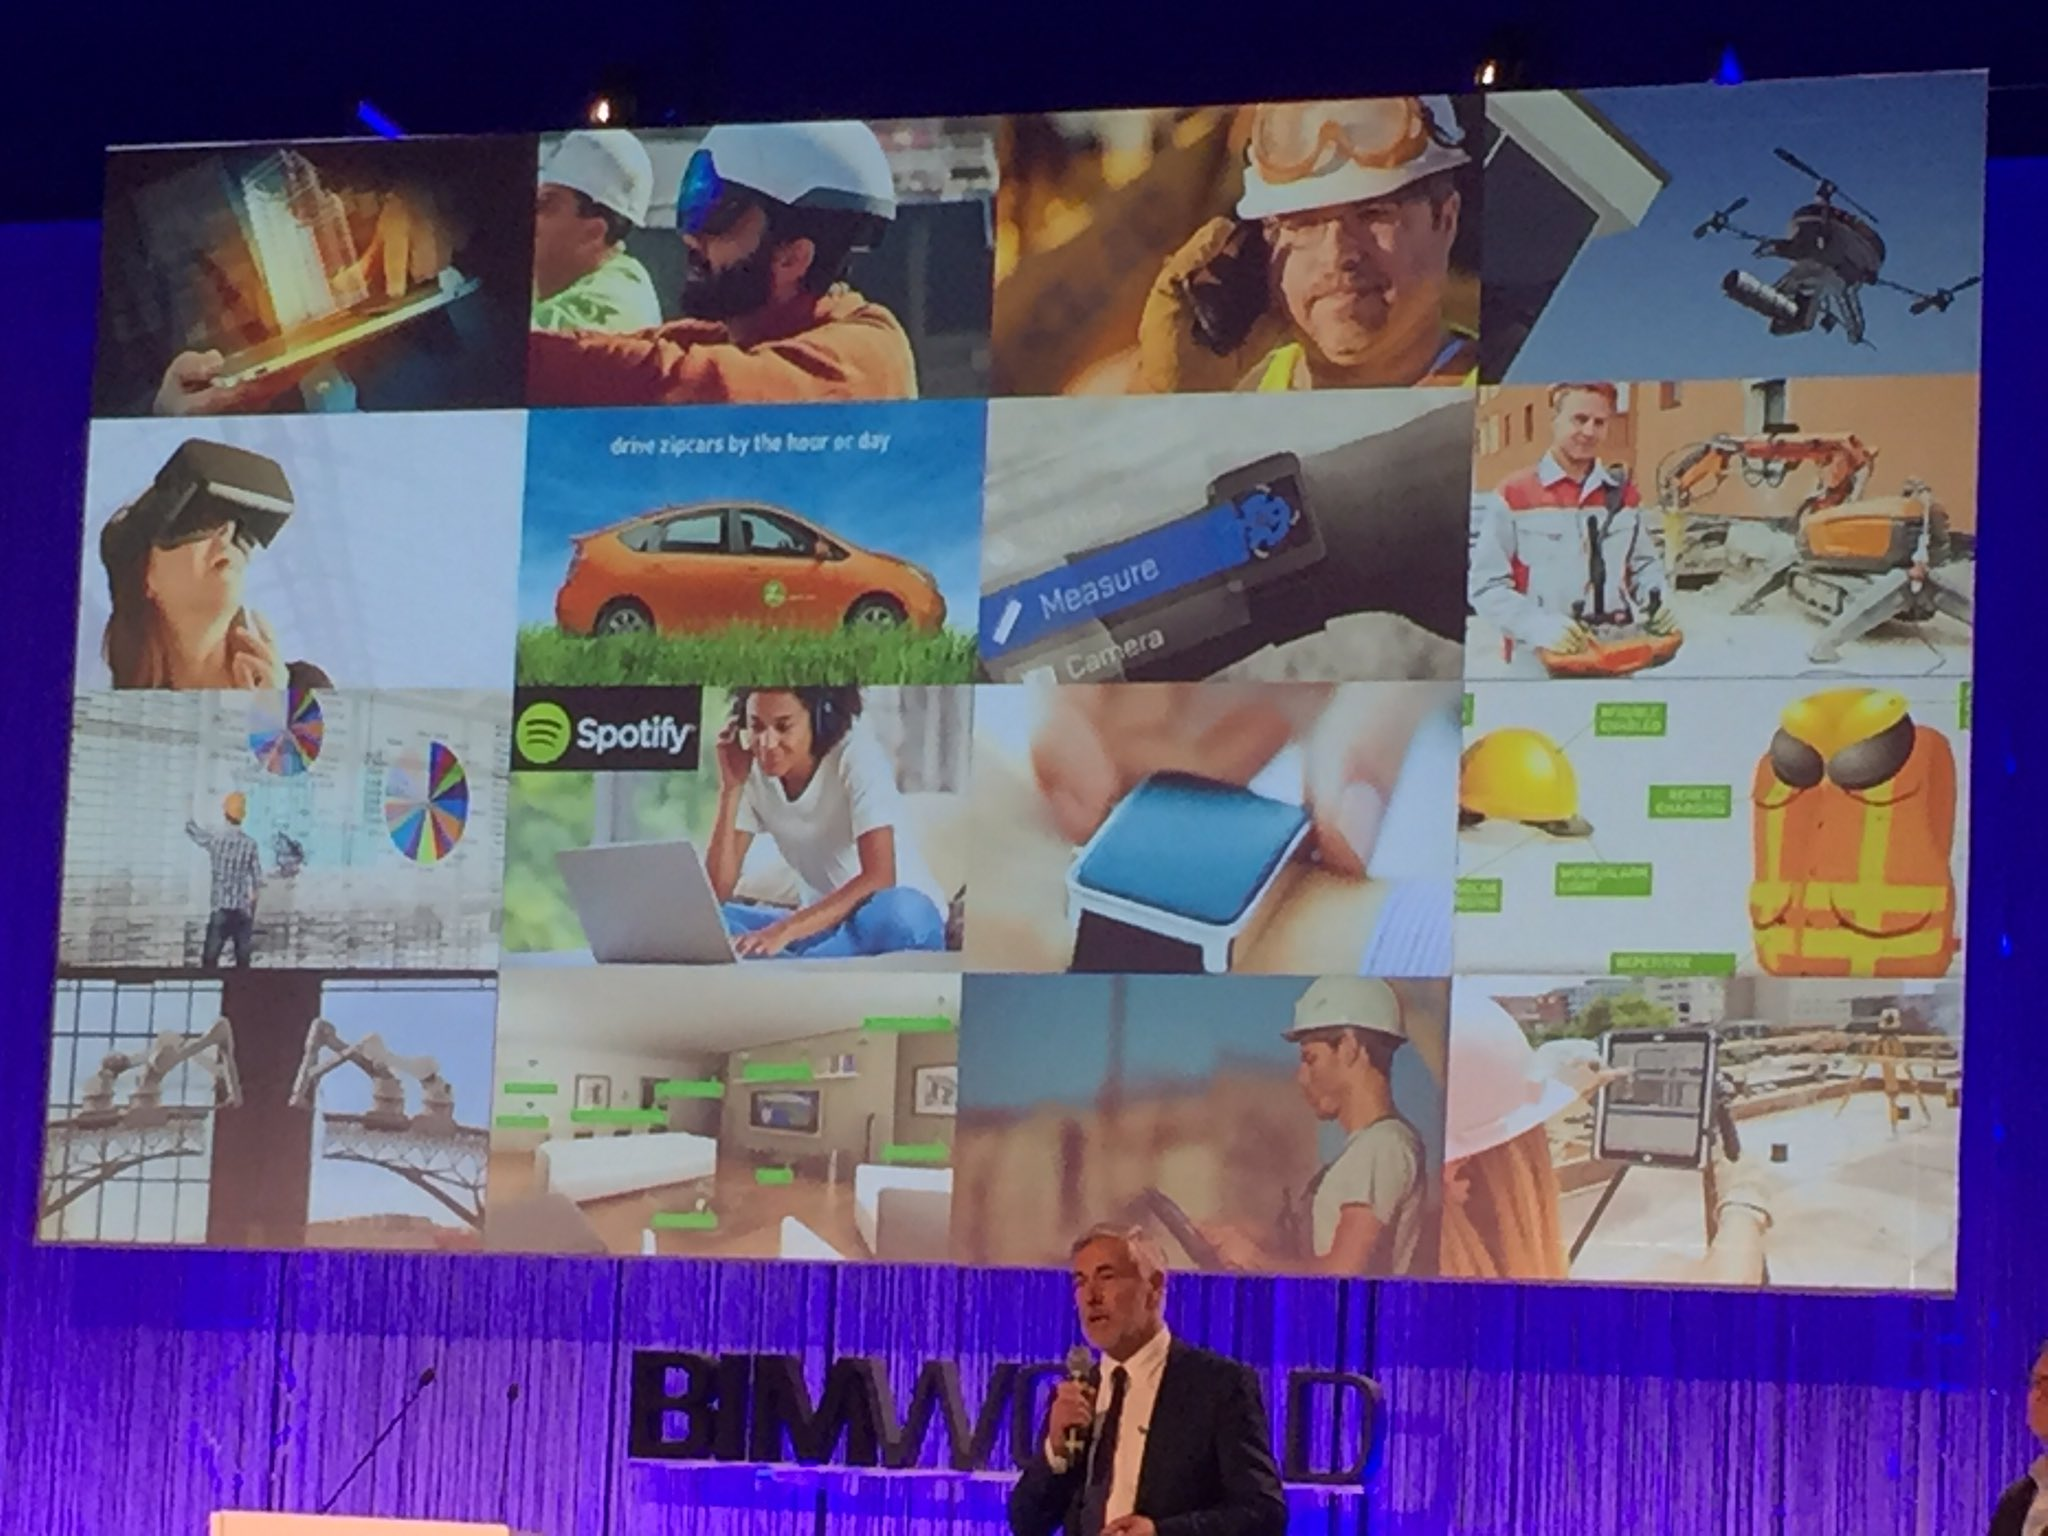 """""""En 2020, nous aurons 50 milliards d'objets connectés autour de nous"""" Uwe Wasserman Autodesk #BIMworld https://t.co/bfjTLnjKqu"""